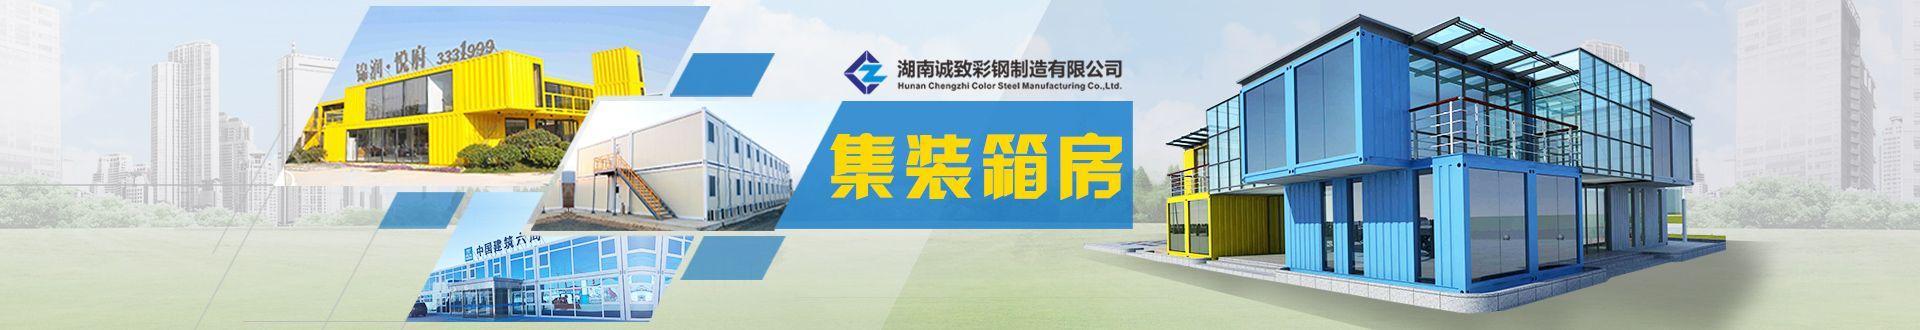 湖南诚致彩钢制造有限公司